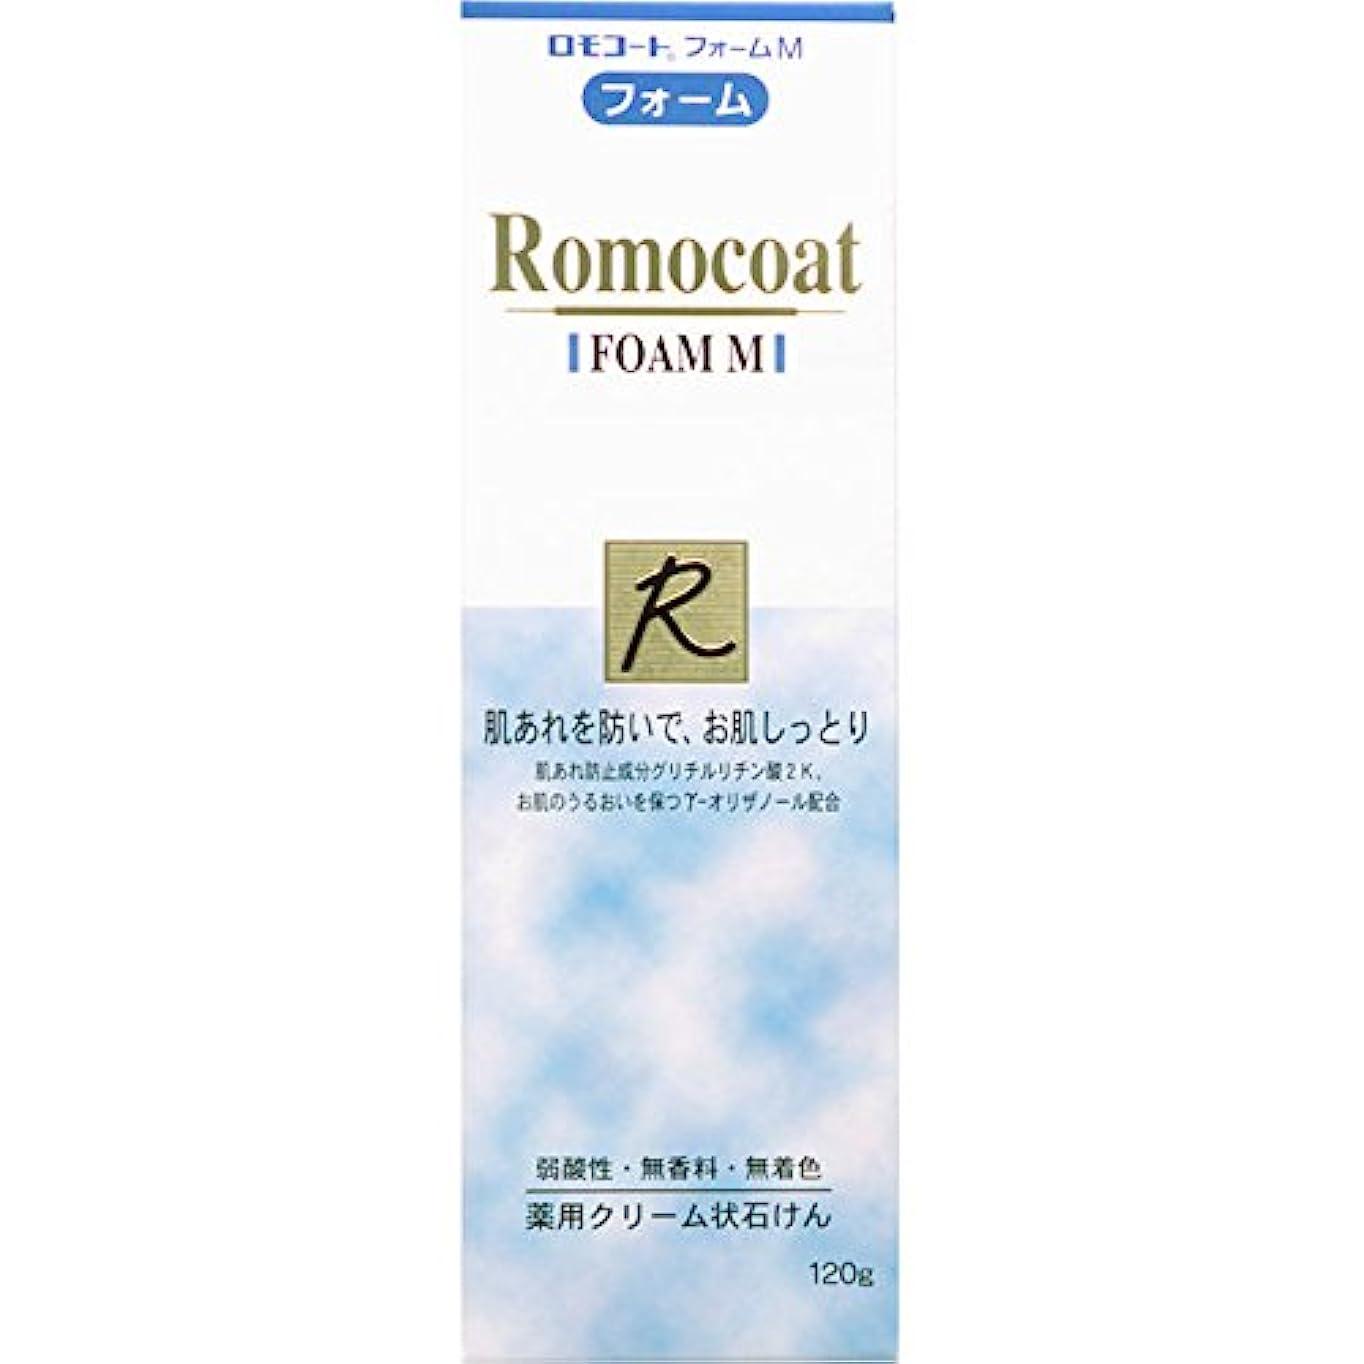 大使館フラグラント予防接種ロモコートフォームM 120g【医薬部外品】